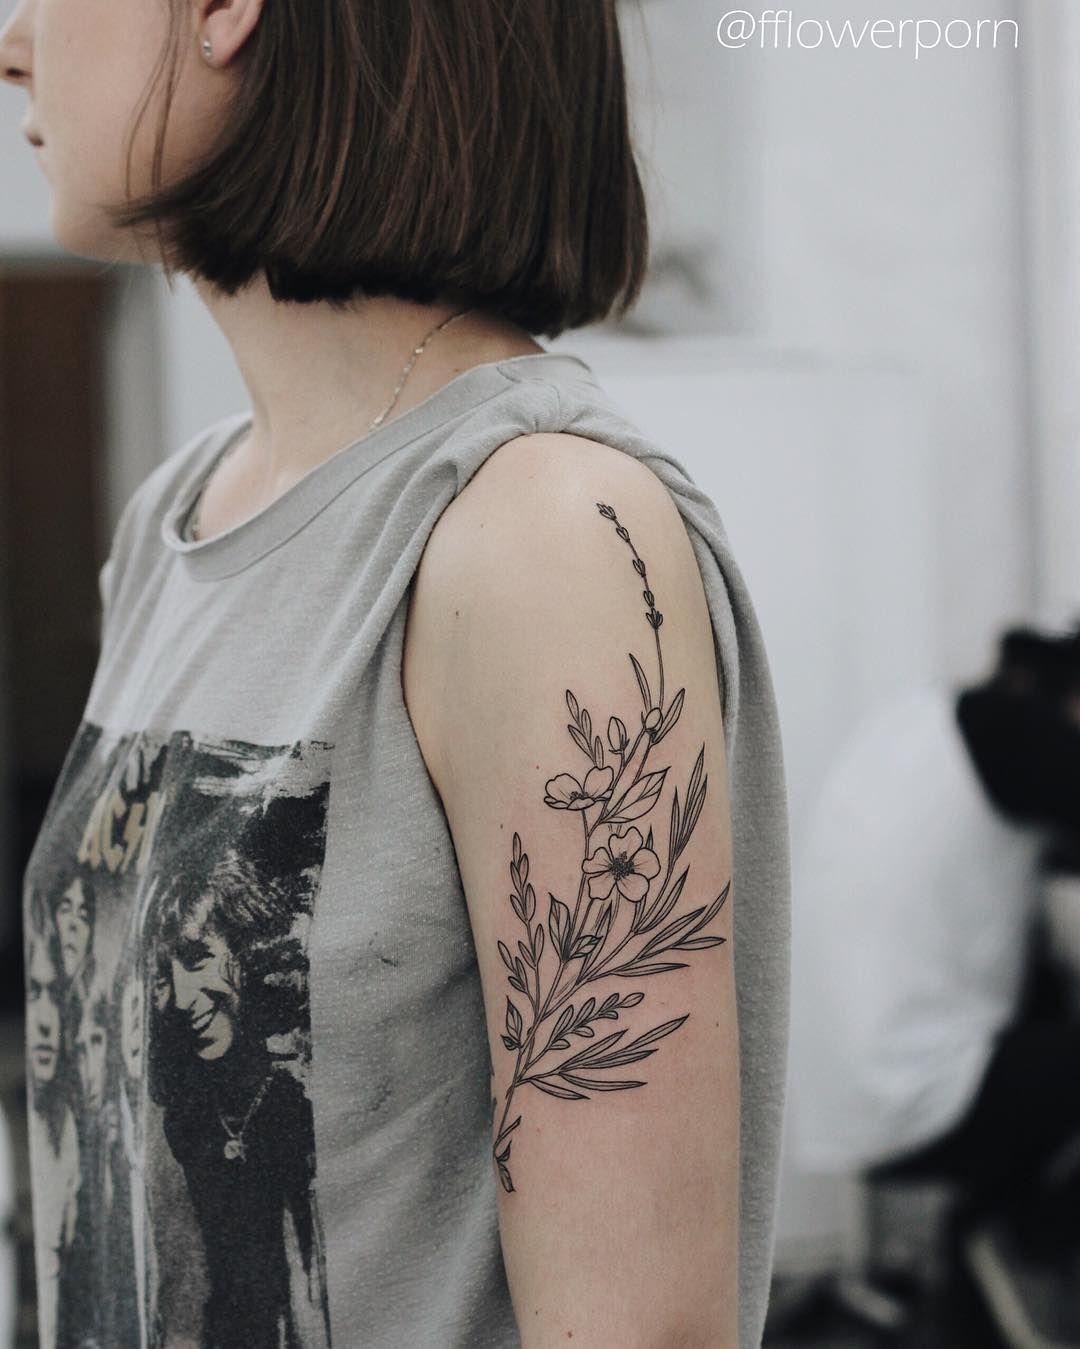 Tatuagem feminina, estilo botânica no braço